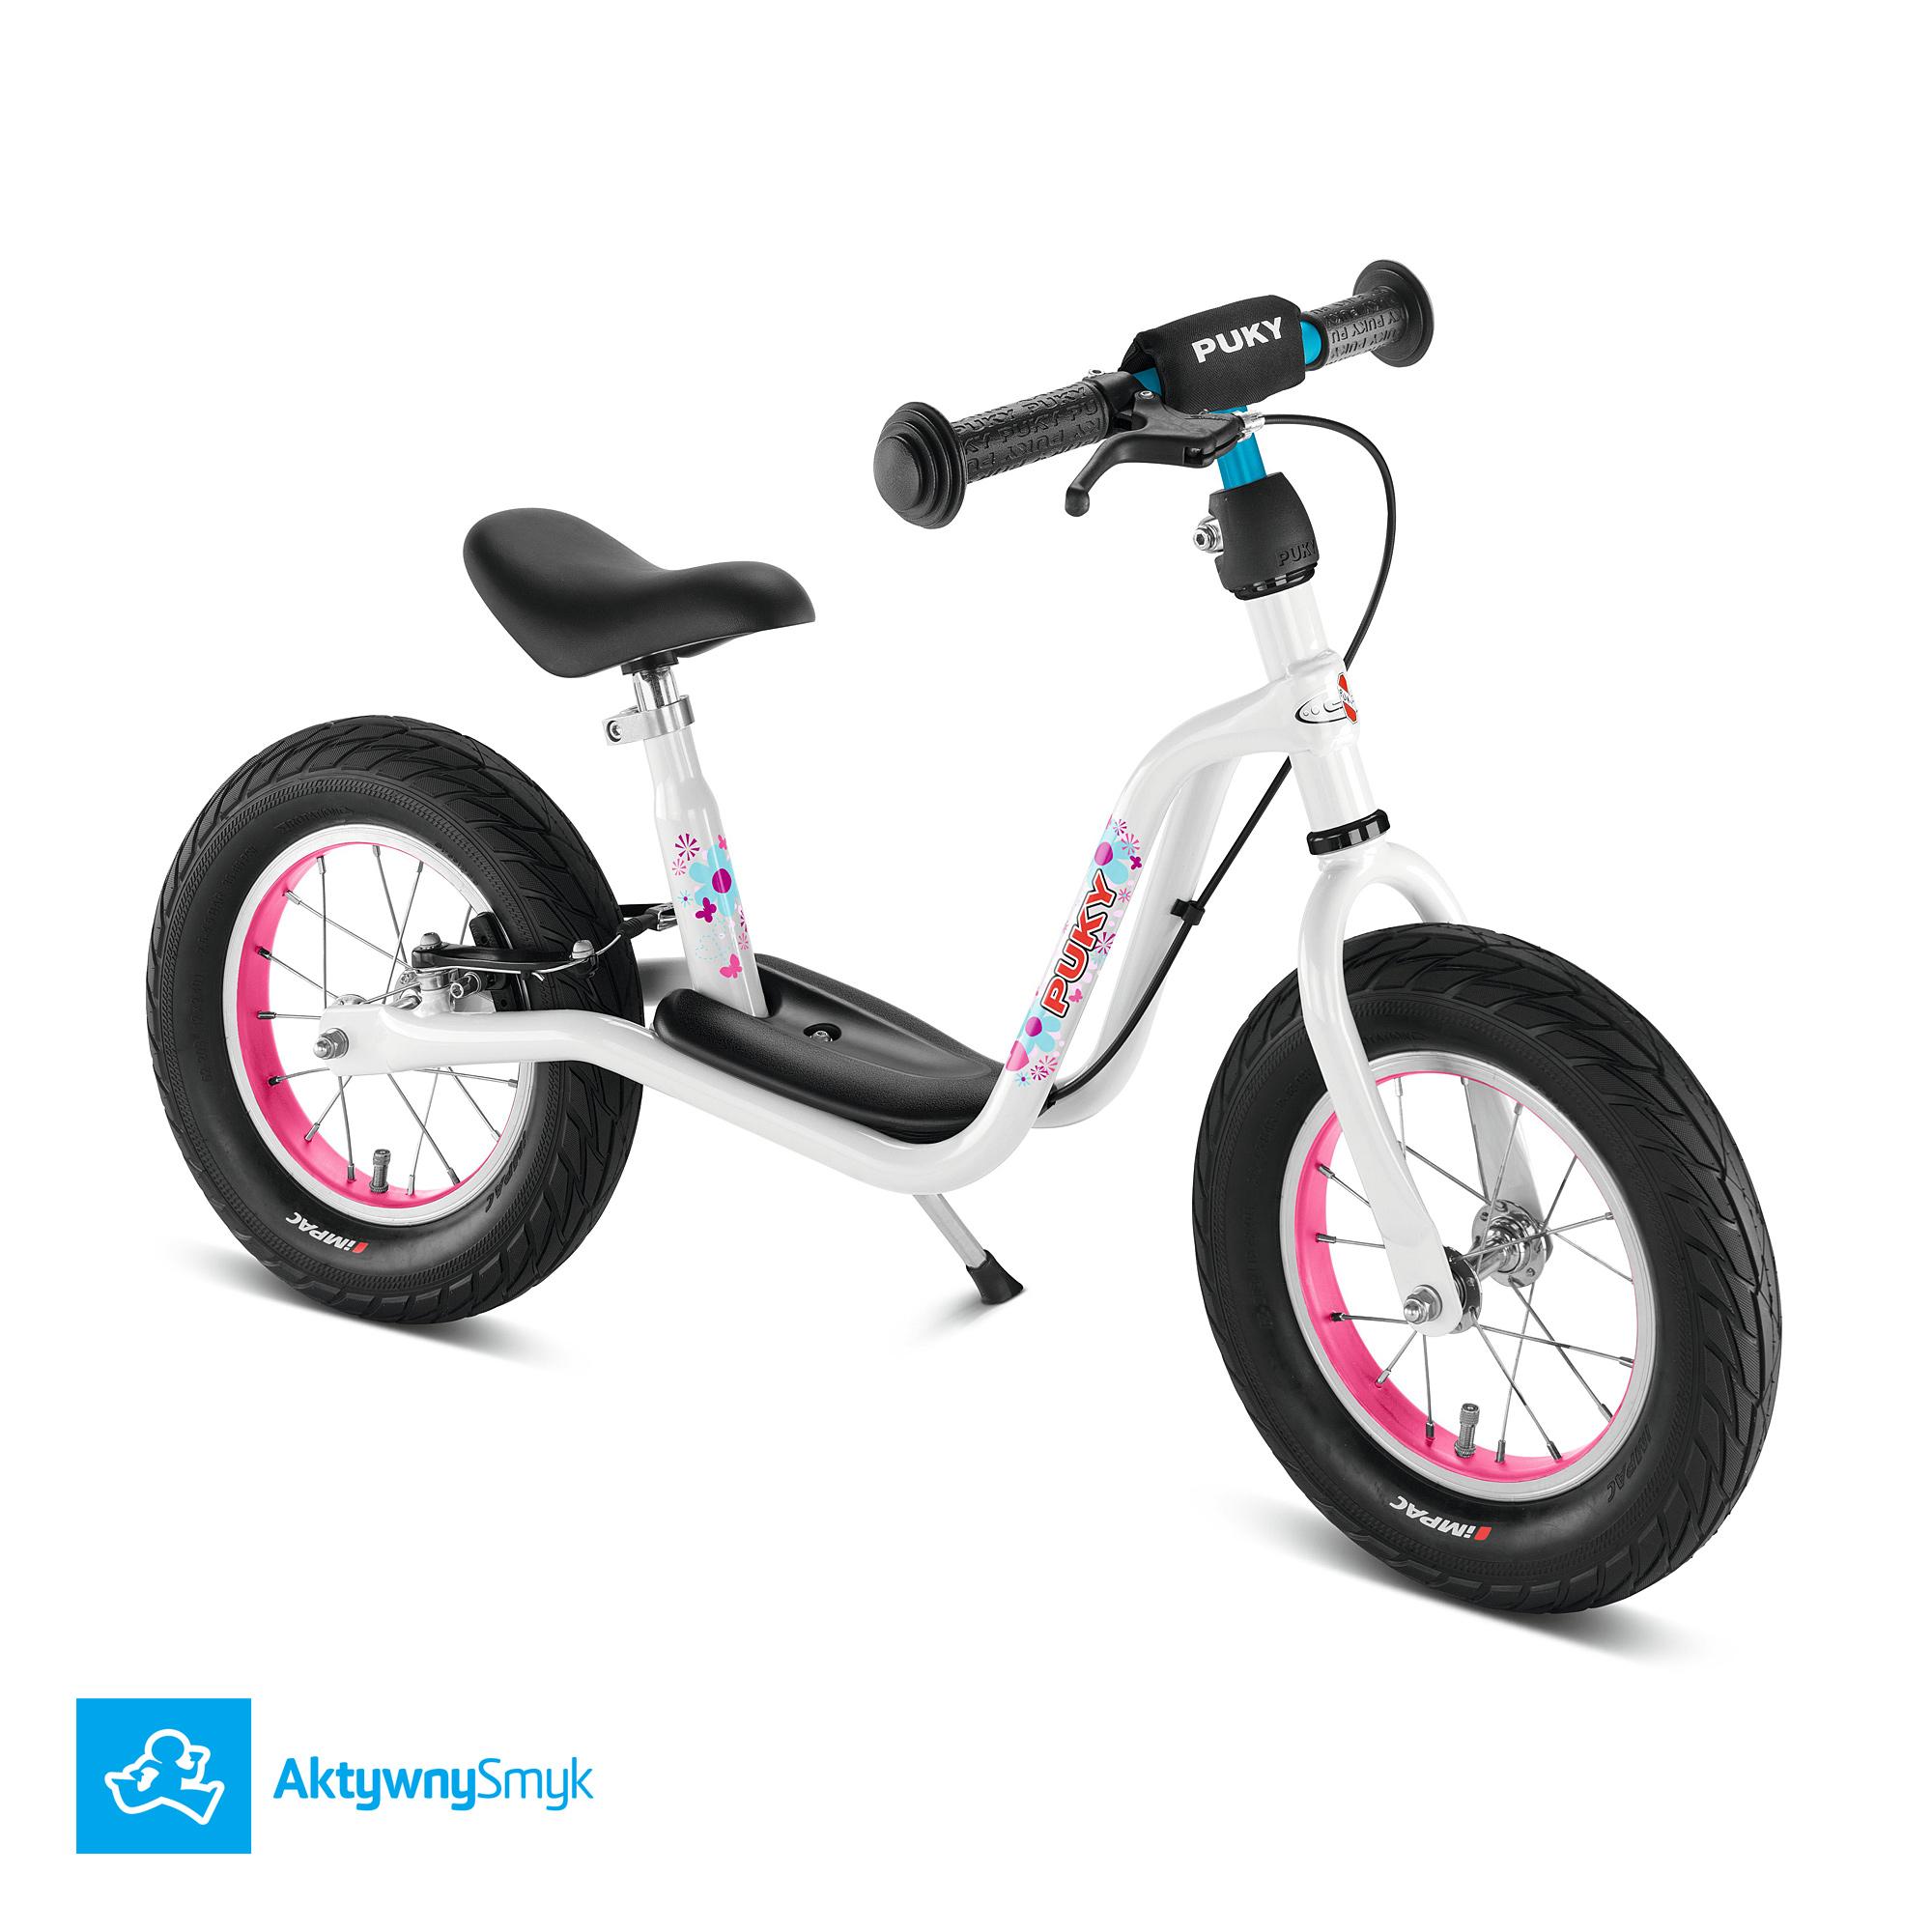 """Biały rowerek biegowy Puky LR XL posiada regulację siodełka w zakresie od 41 do 51 cm, regulowaną na wysokość kierownicę bez blokady skrętu, pompowane opony 12x2,40"""" oraz mocny hamulec tylnego koła typu v-brake. LR XL waży ok. 5,6 kg."""